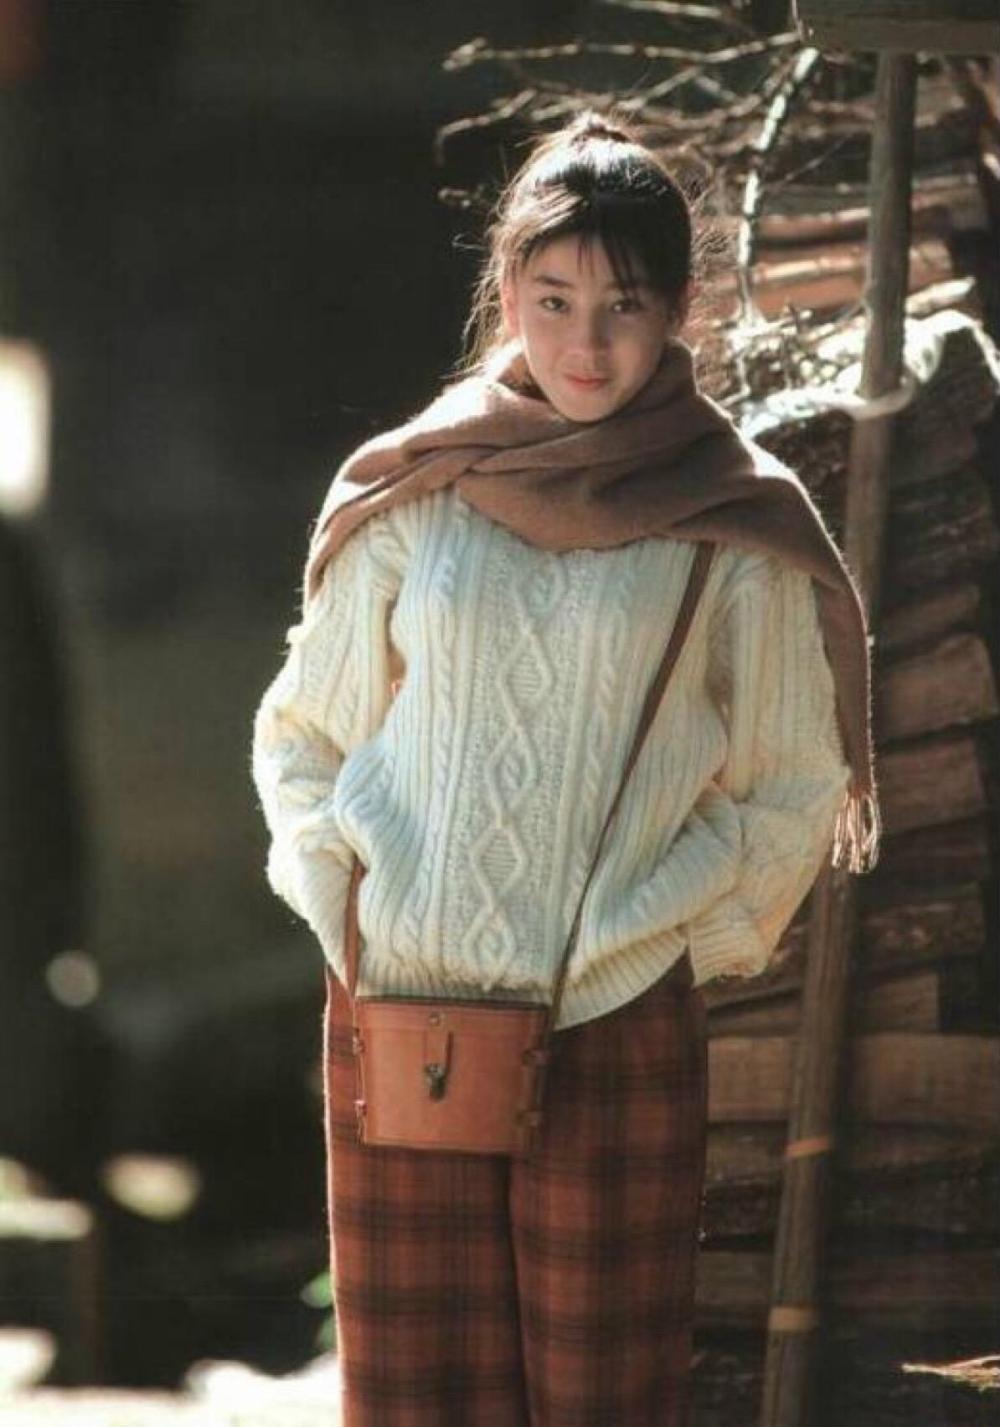 她是亚洲影后级演员,17岁被母亲行使推动文娱圈,被当做提款机